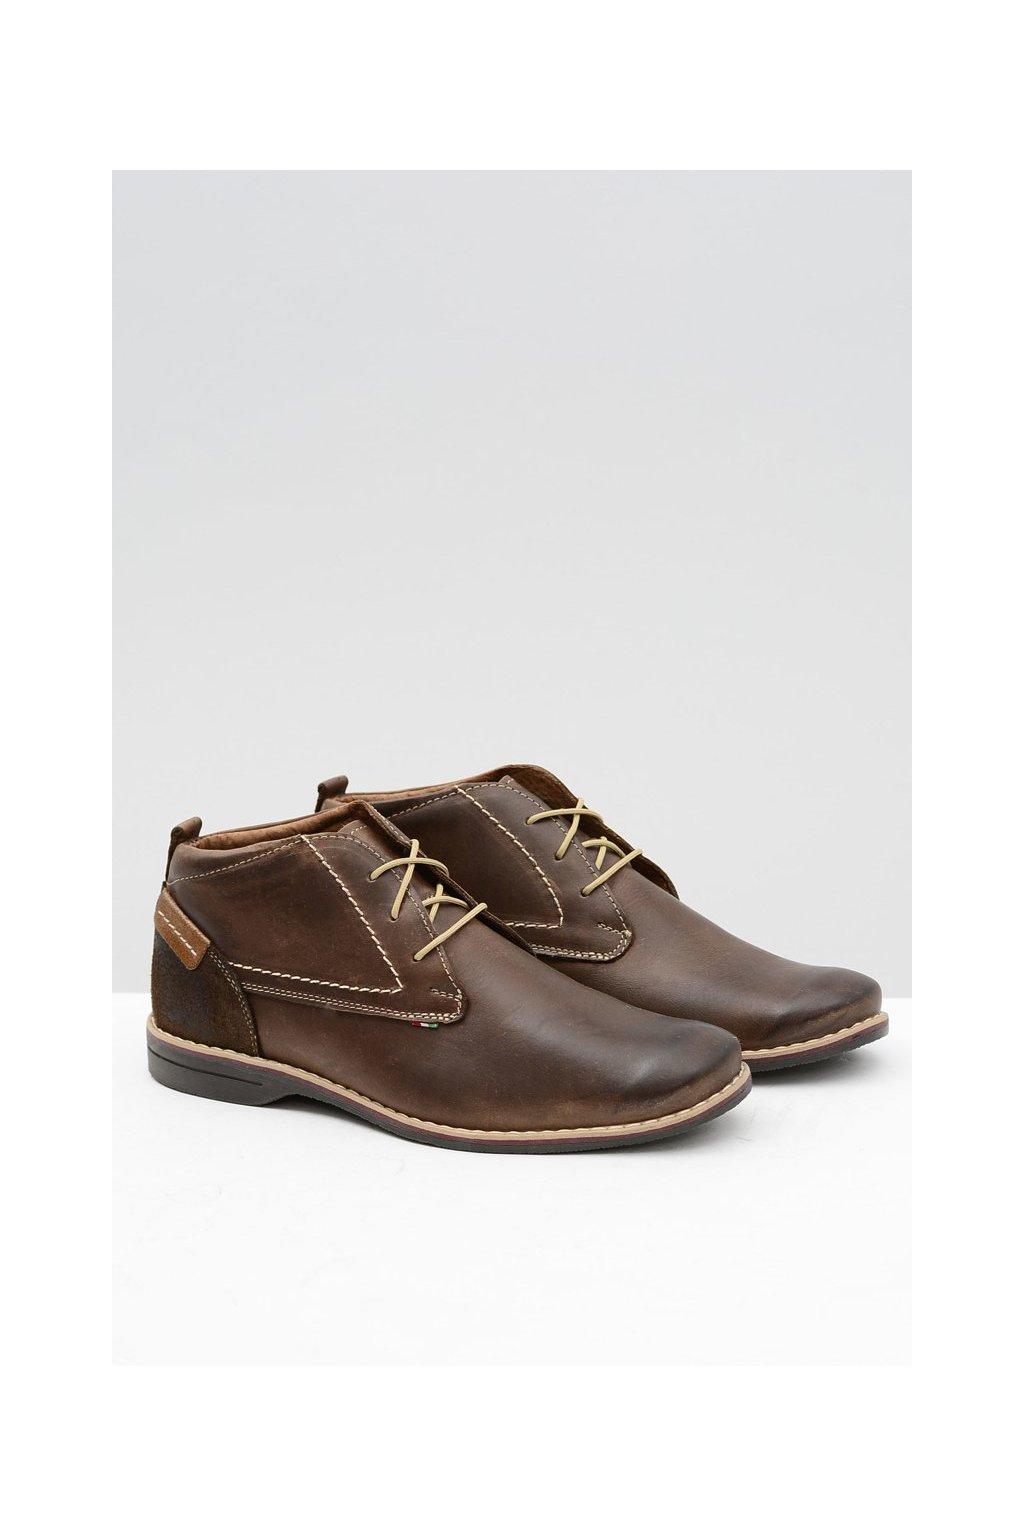 Hnedá vysoká pánska čipka-top topánky kožené Felci